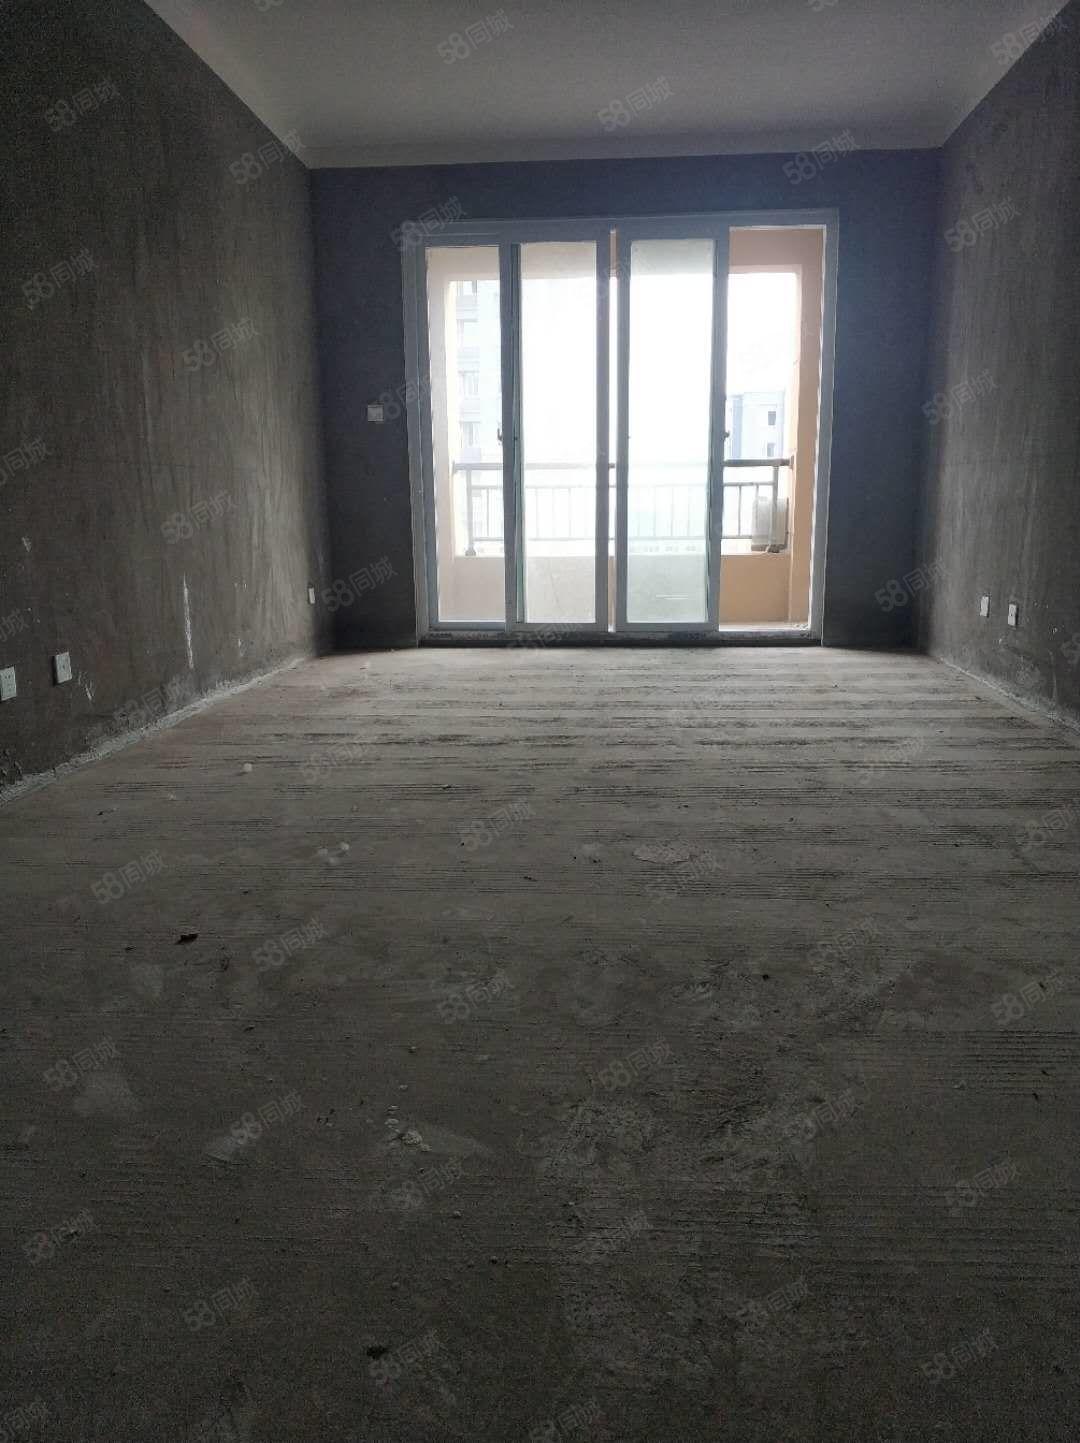 城西实验小学幸福港湾房屋急售,旁边就是新汽车站